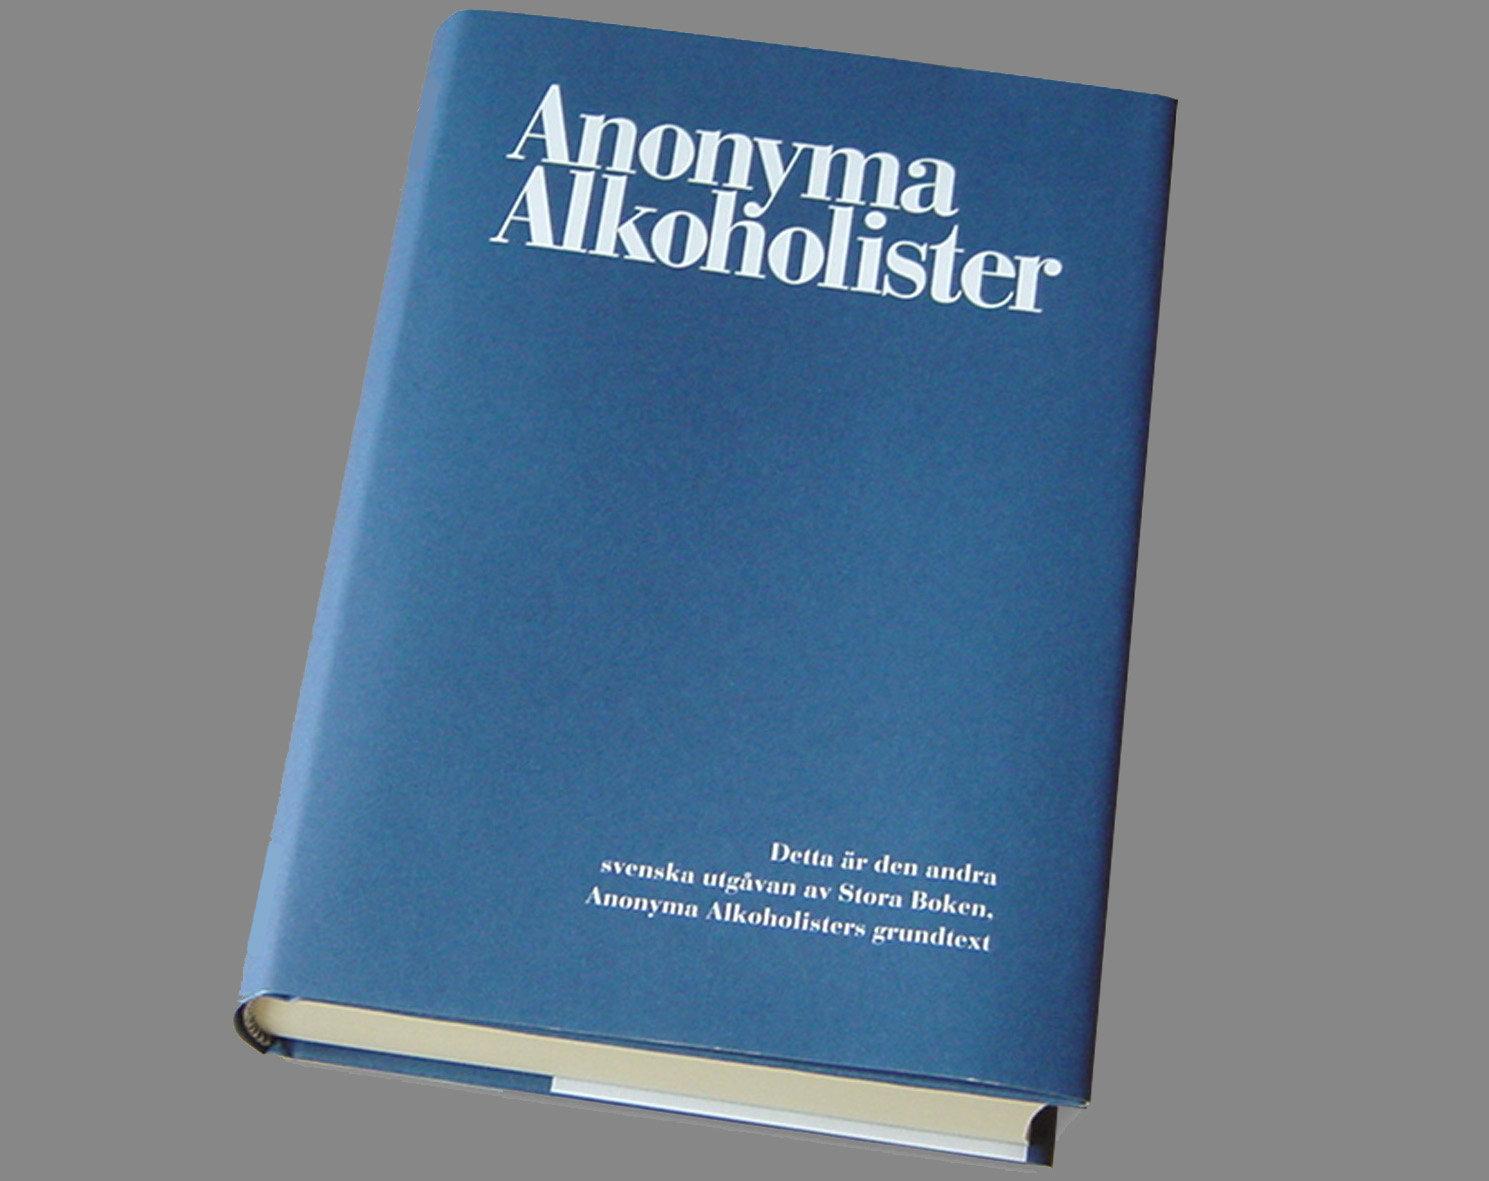 Stora Boken. Foto: AA